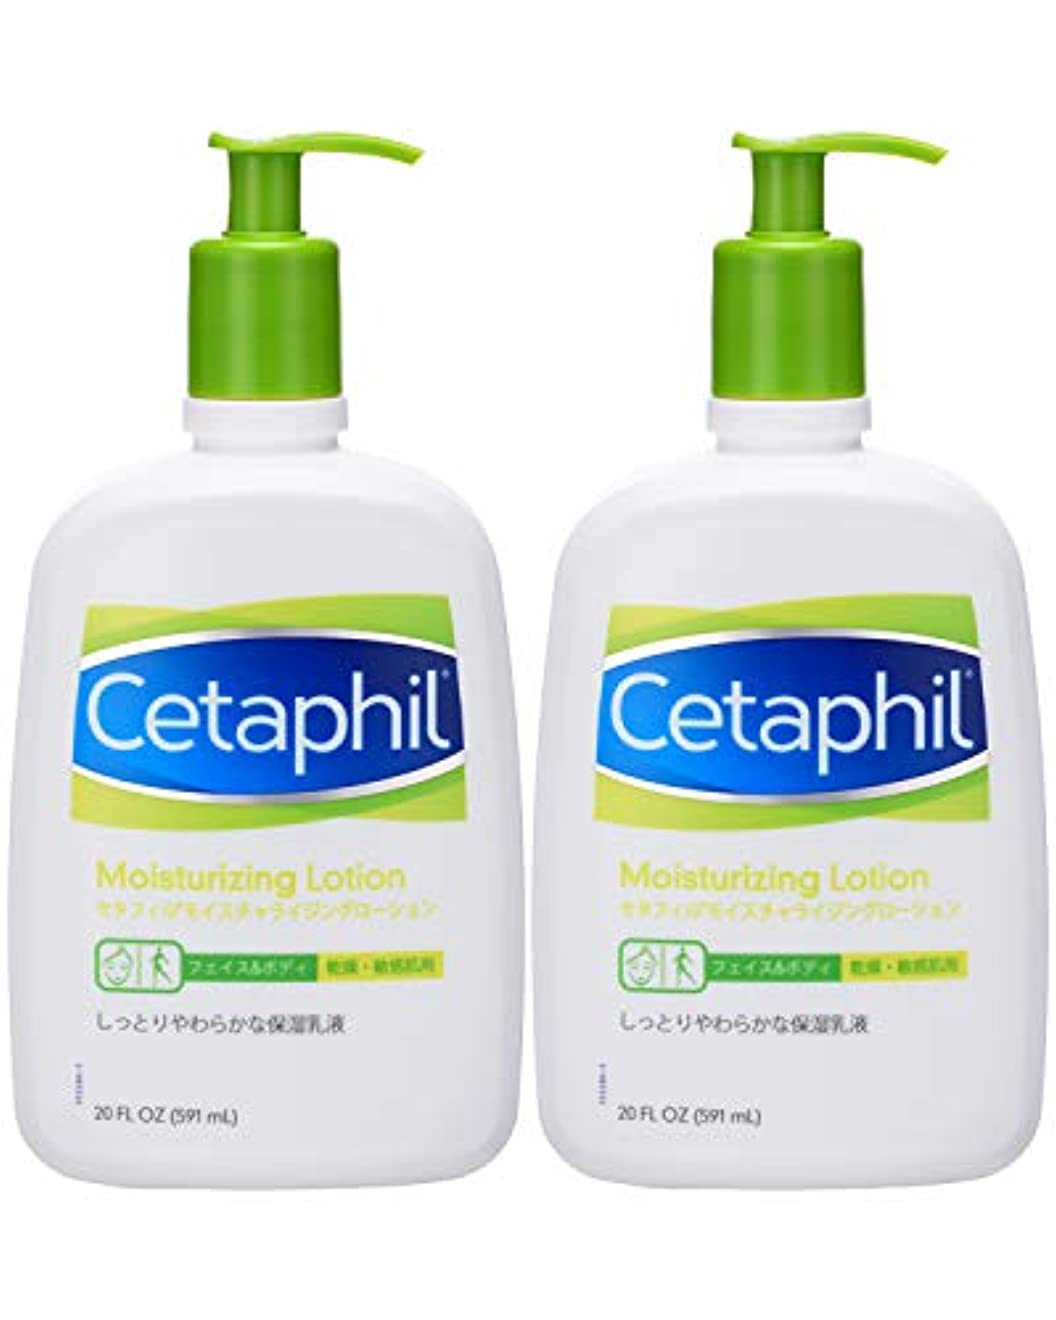 水銀の統治する堀セタフィル Cetaphil ® モイスチャライジングローション 591ml 2本組 ( フェイス & ボディ 保湿乳液 ローション )